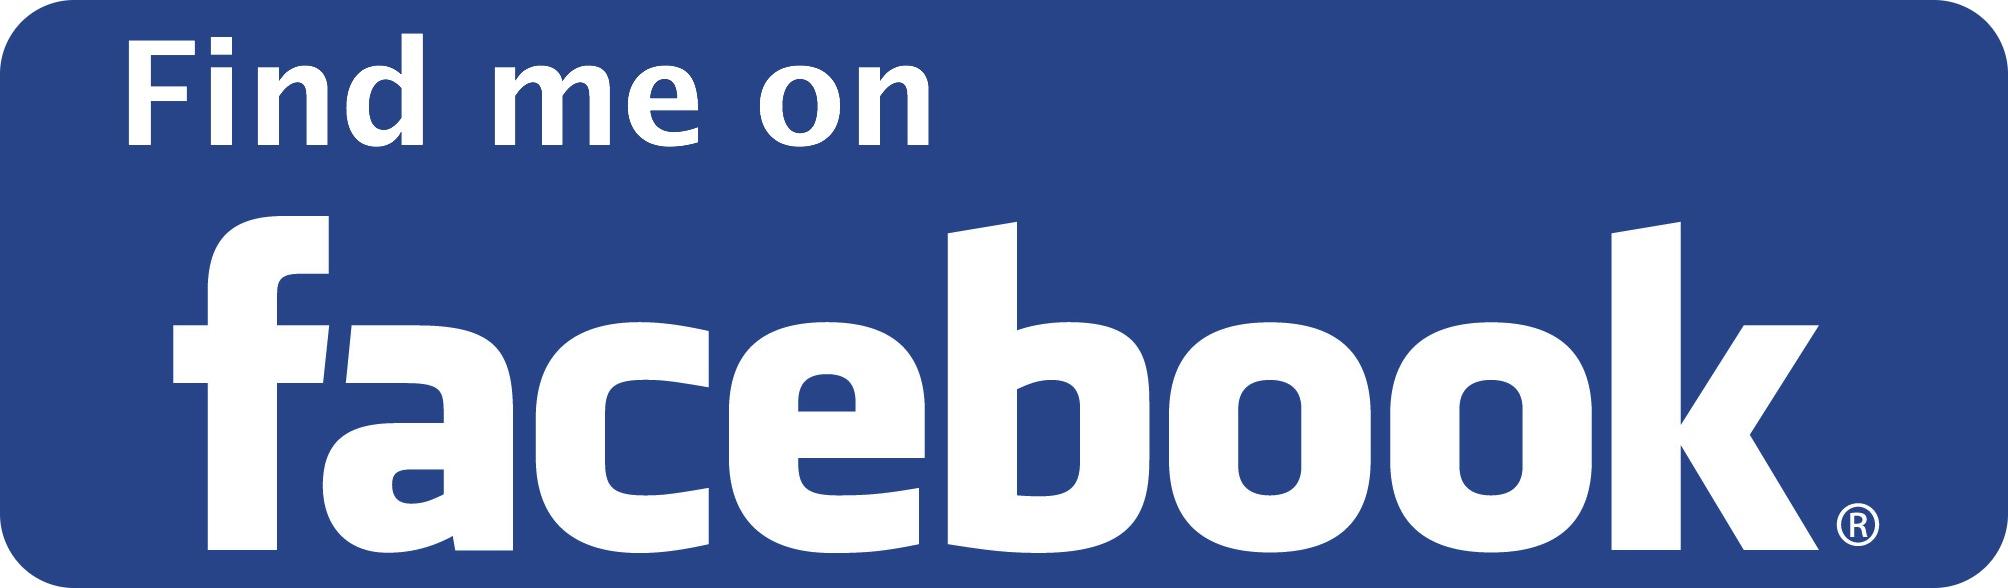 Find Me On Facebook Logo